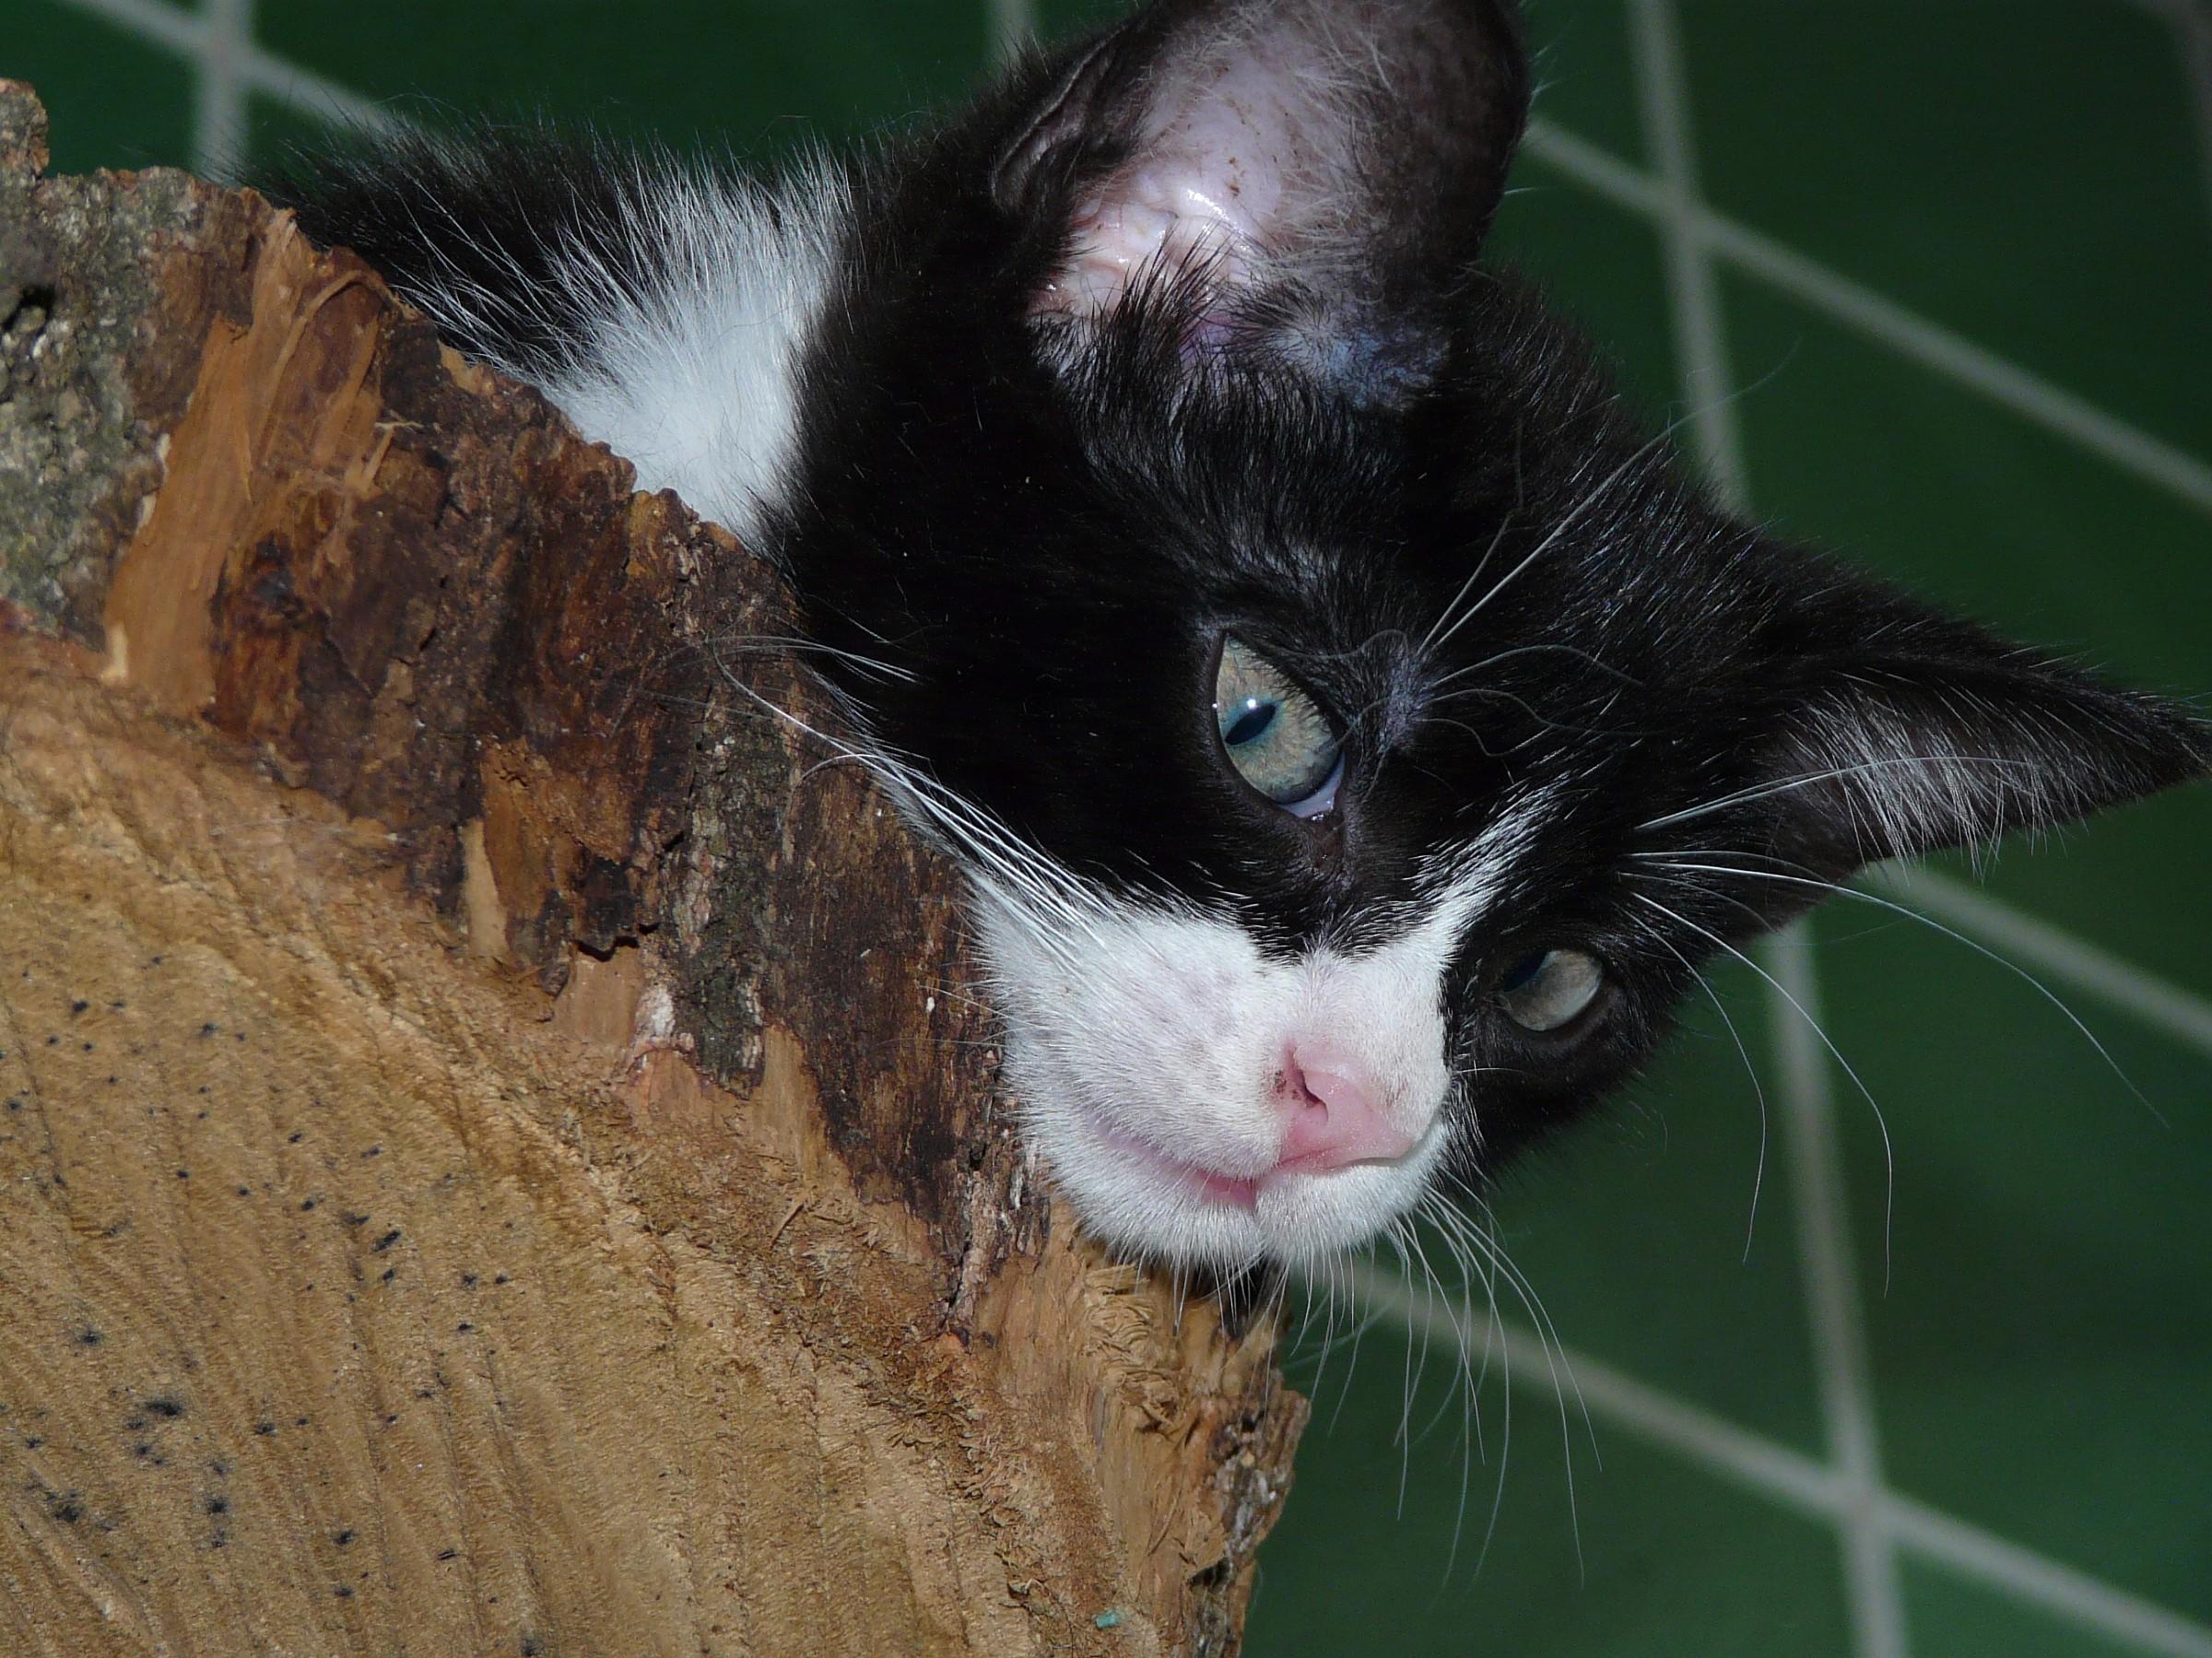 Gaia sul tronco...